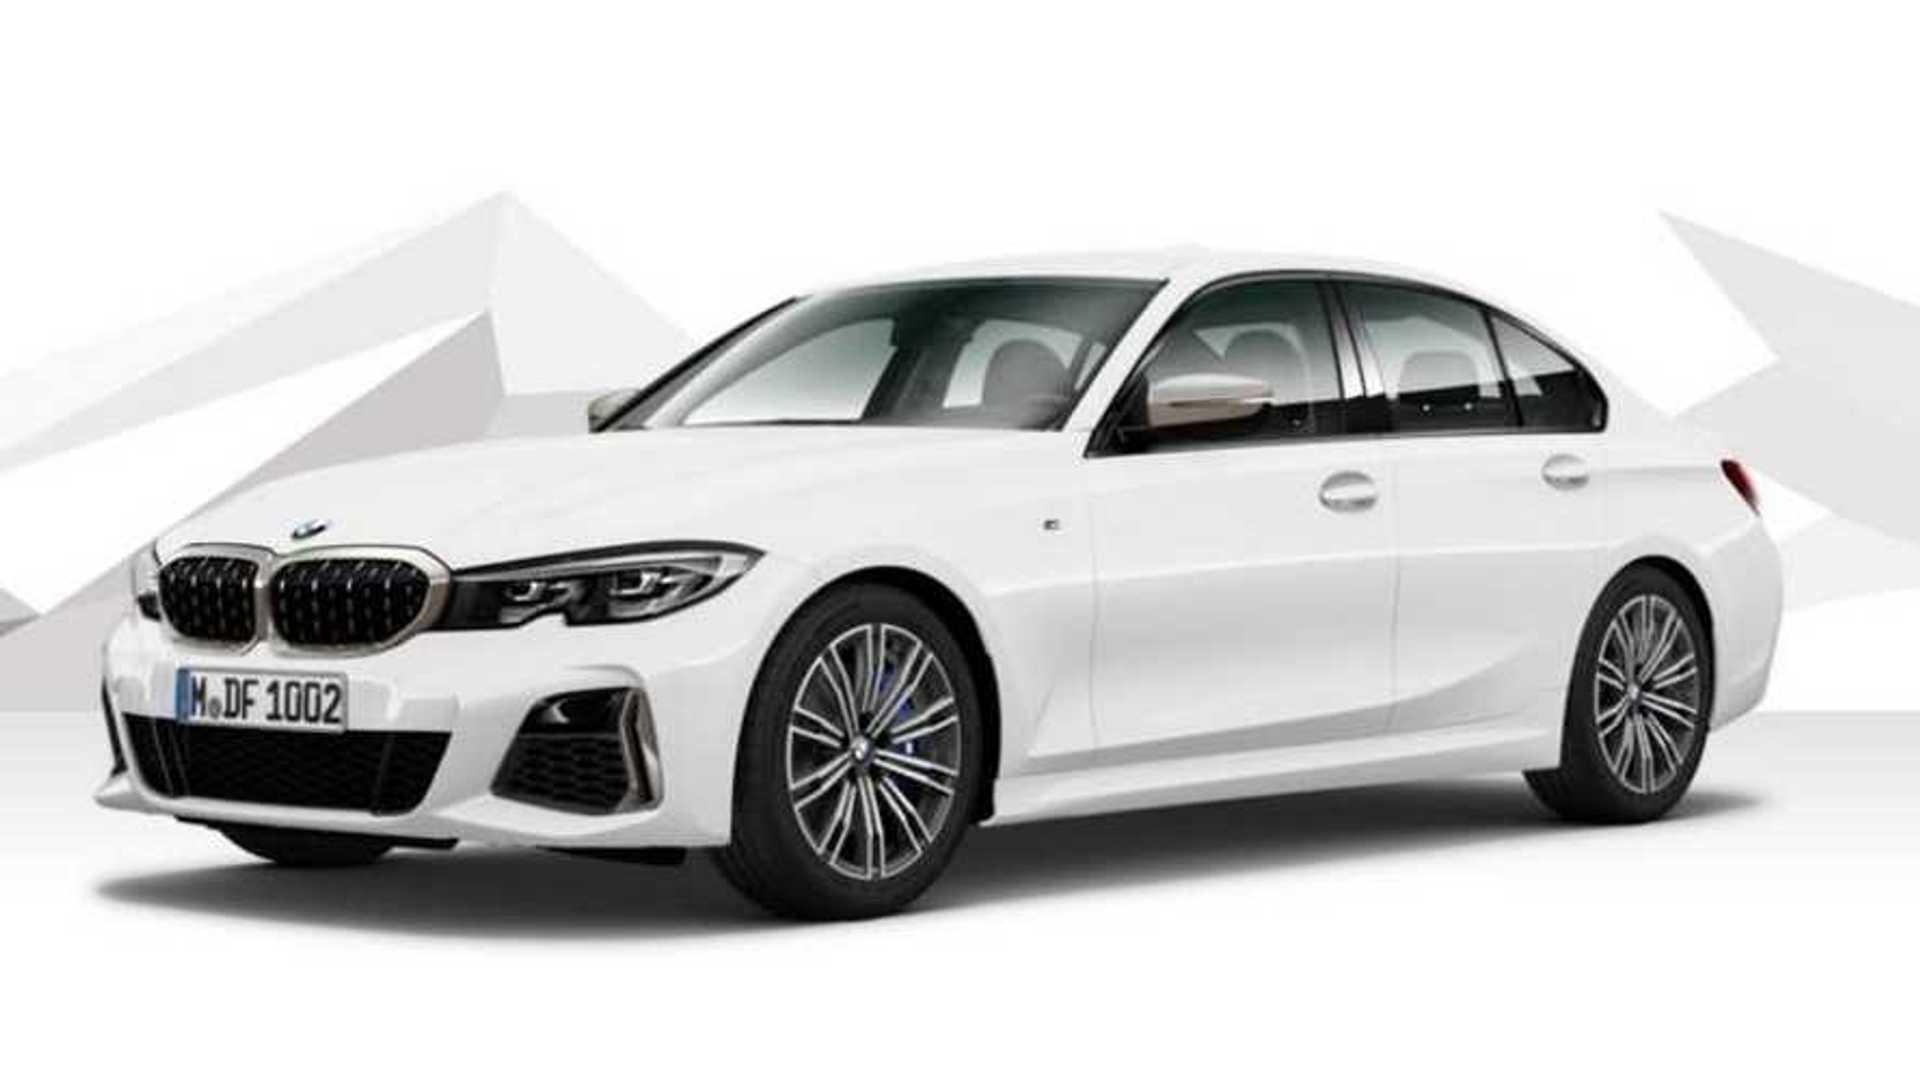 Yeni BMW 3 Serisi'nin M340d adlı performanslı versiyonu ortaya çıktı